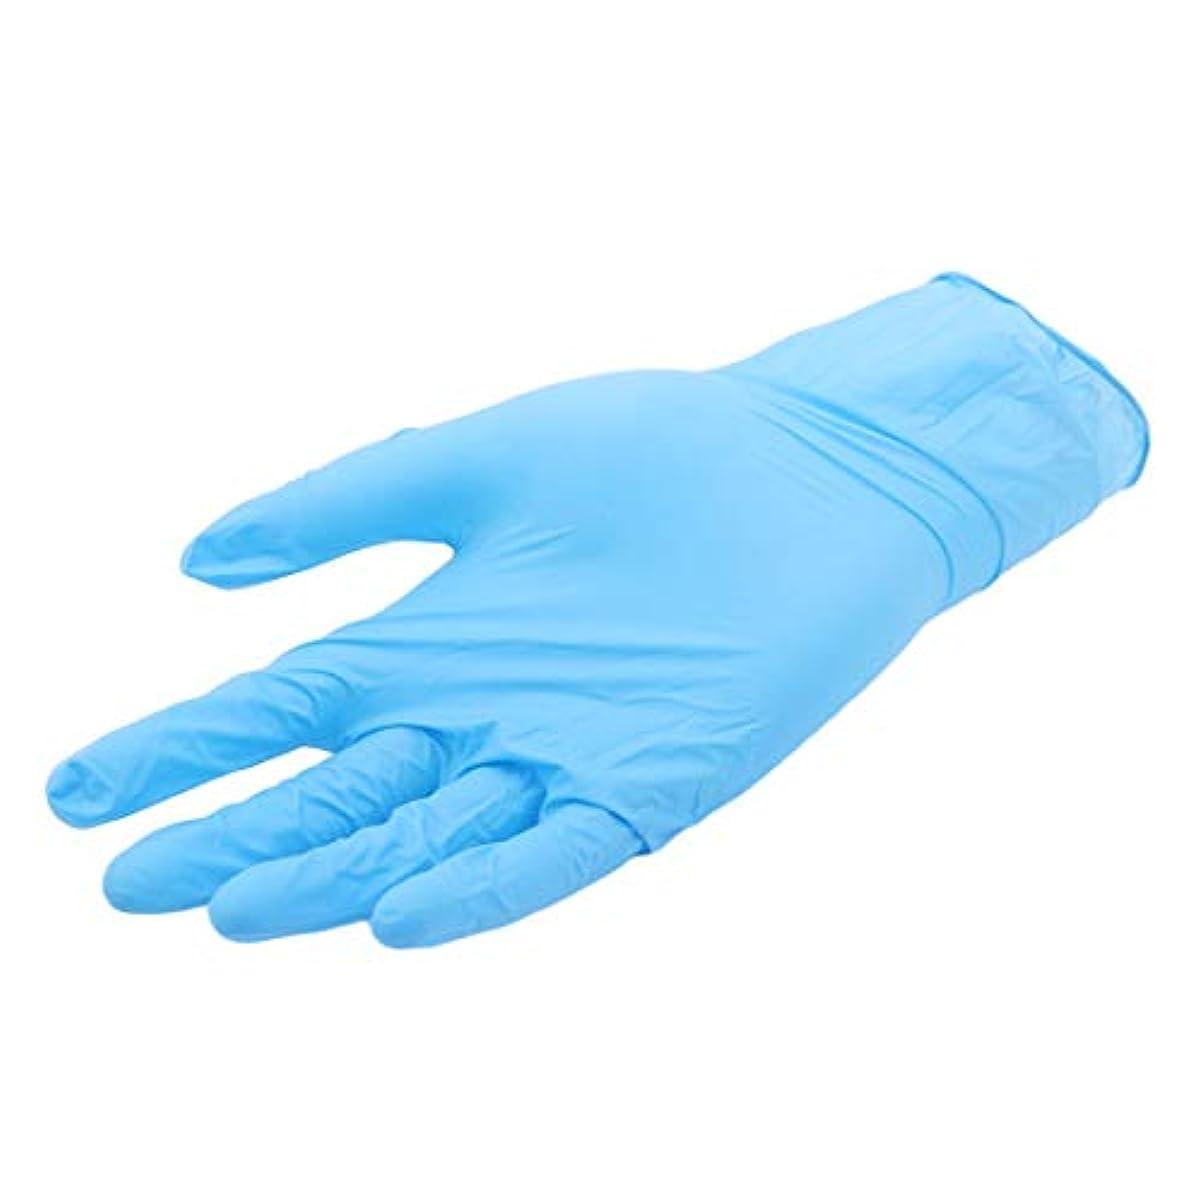 言及するたるみ保安KLUMA ニトリル手袋 使い捨て手袋 100枚入 粉なし 薄い手袋 防水 耐油性 手荒いを防ぎ 園芸 素手感覚